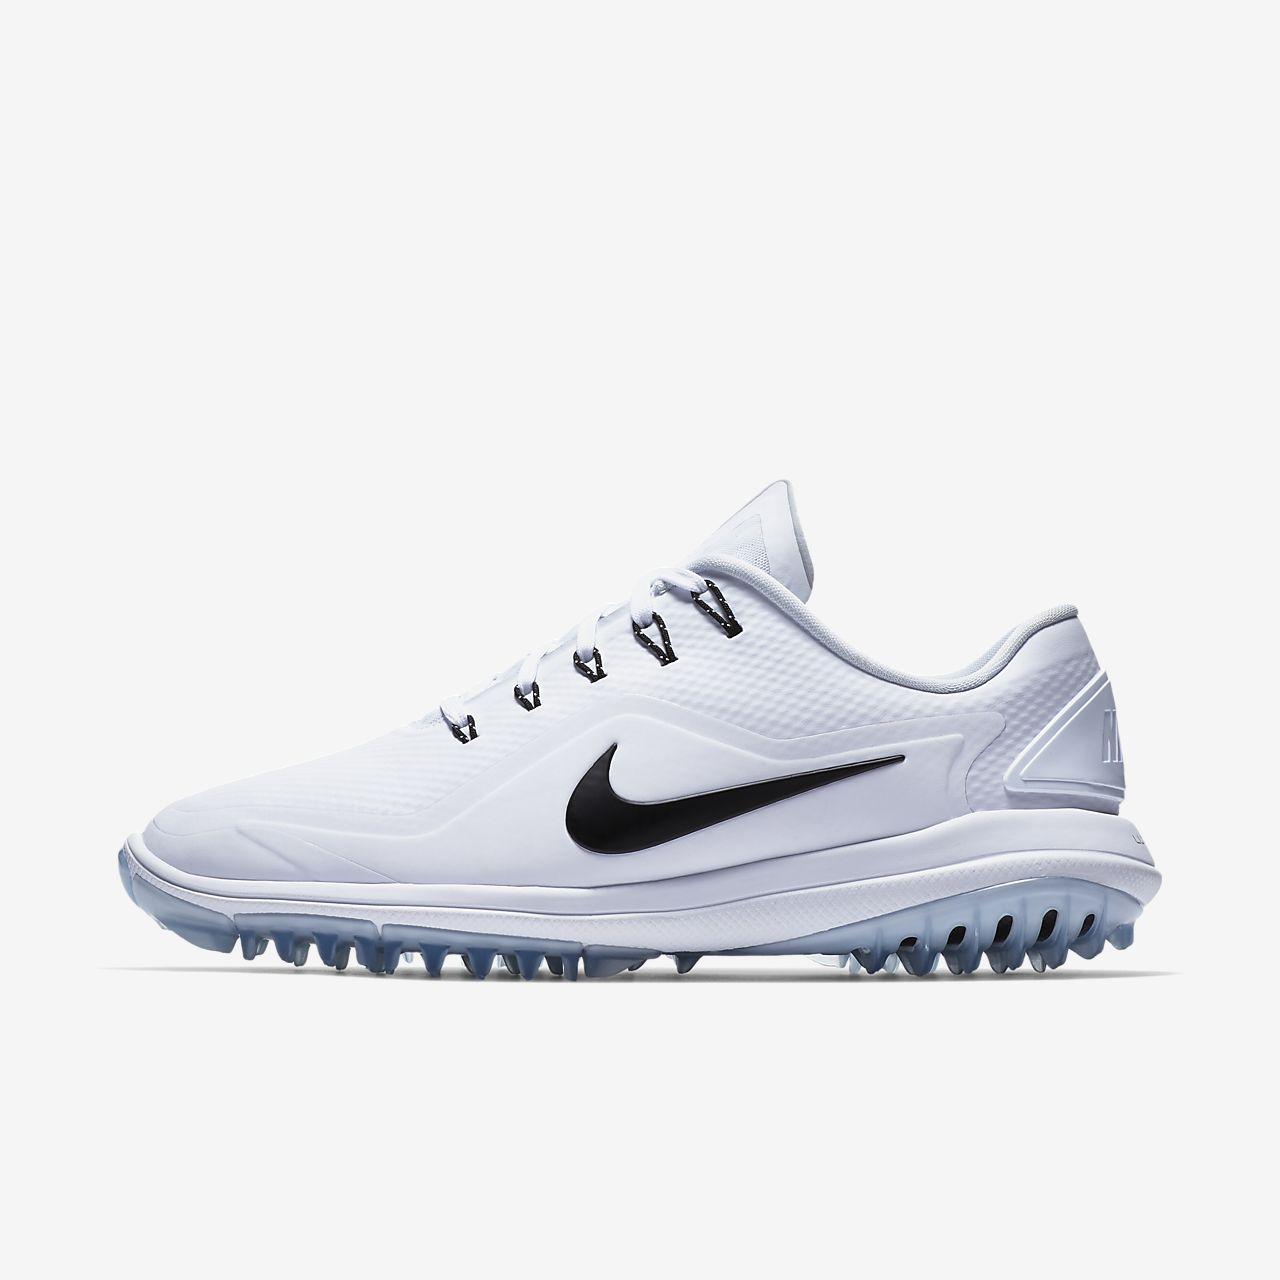 save off 01eca 44178 Nike Lunar Control Vapor 2